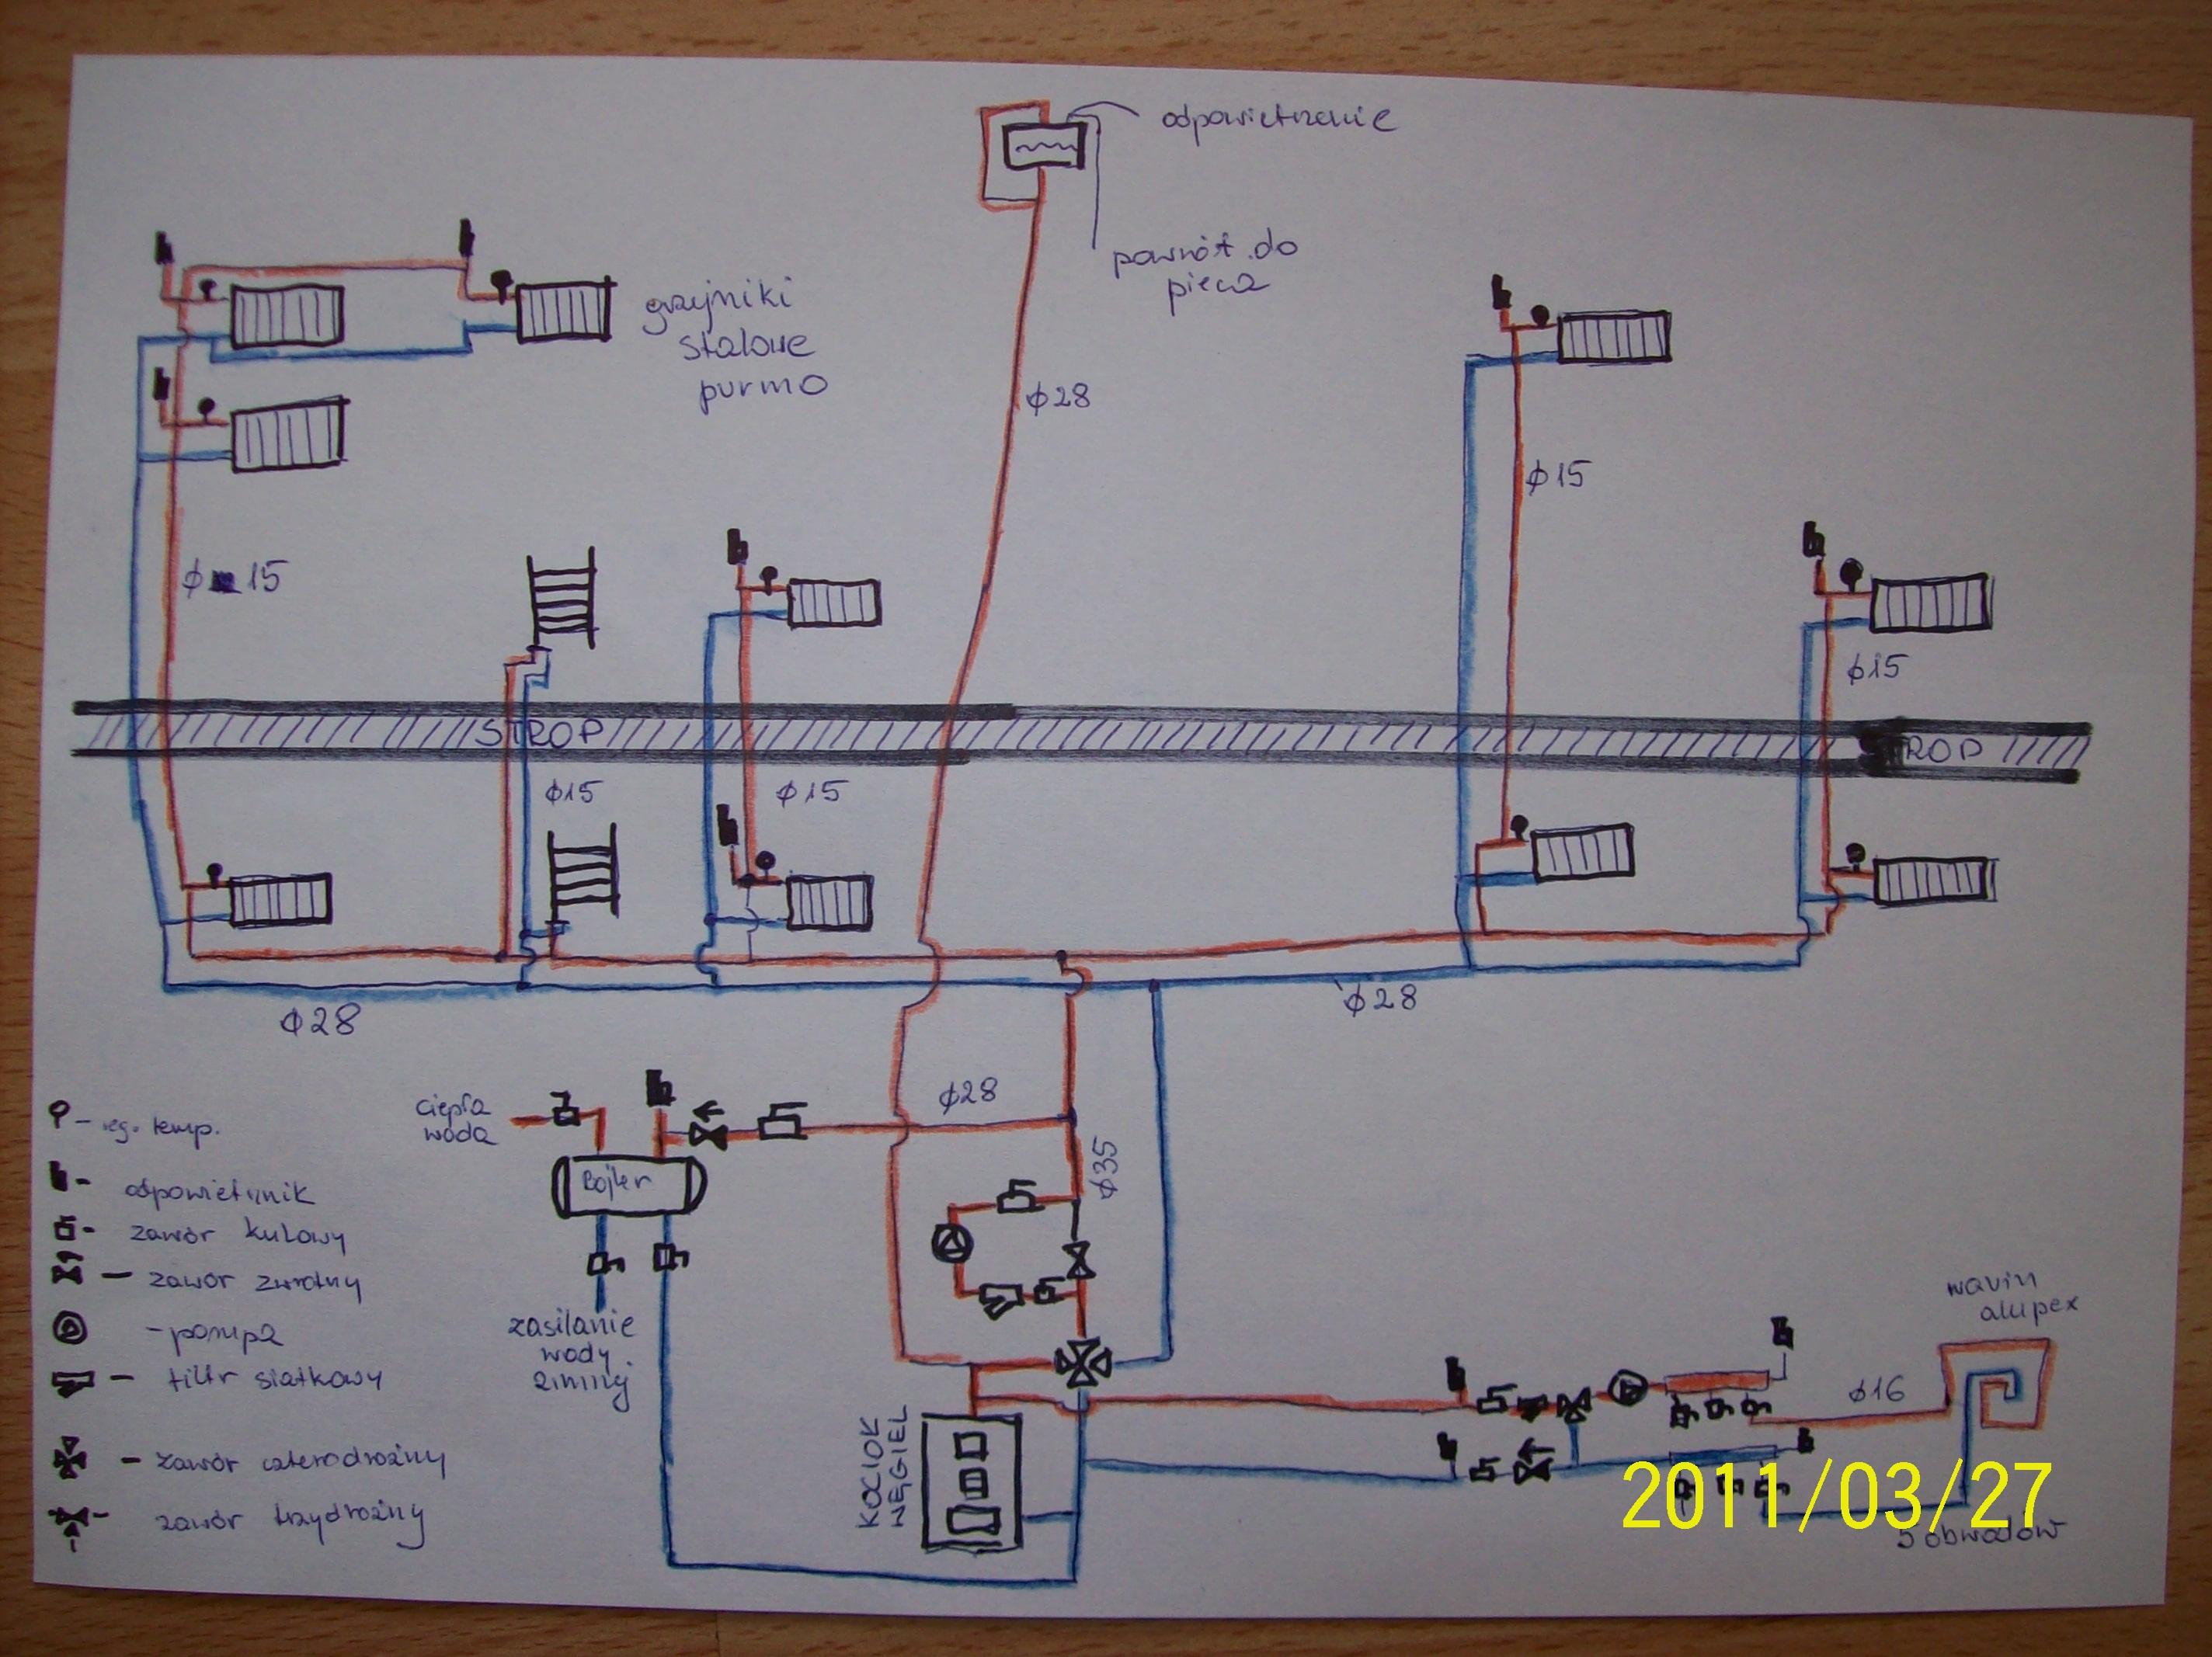 Schemat instalacji- czy poprawny